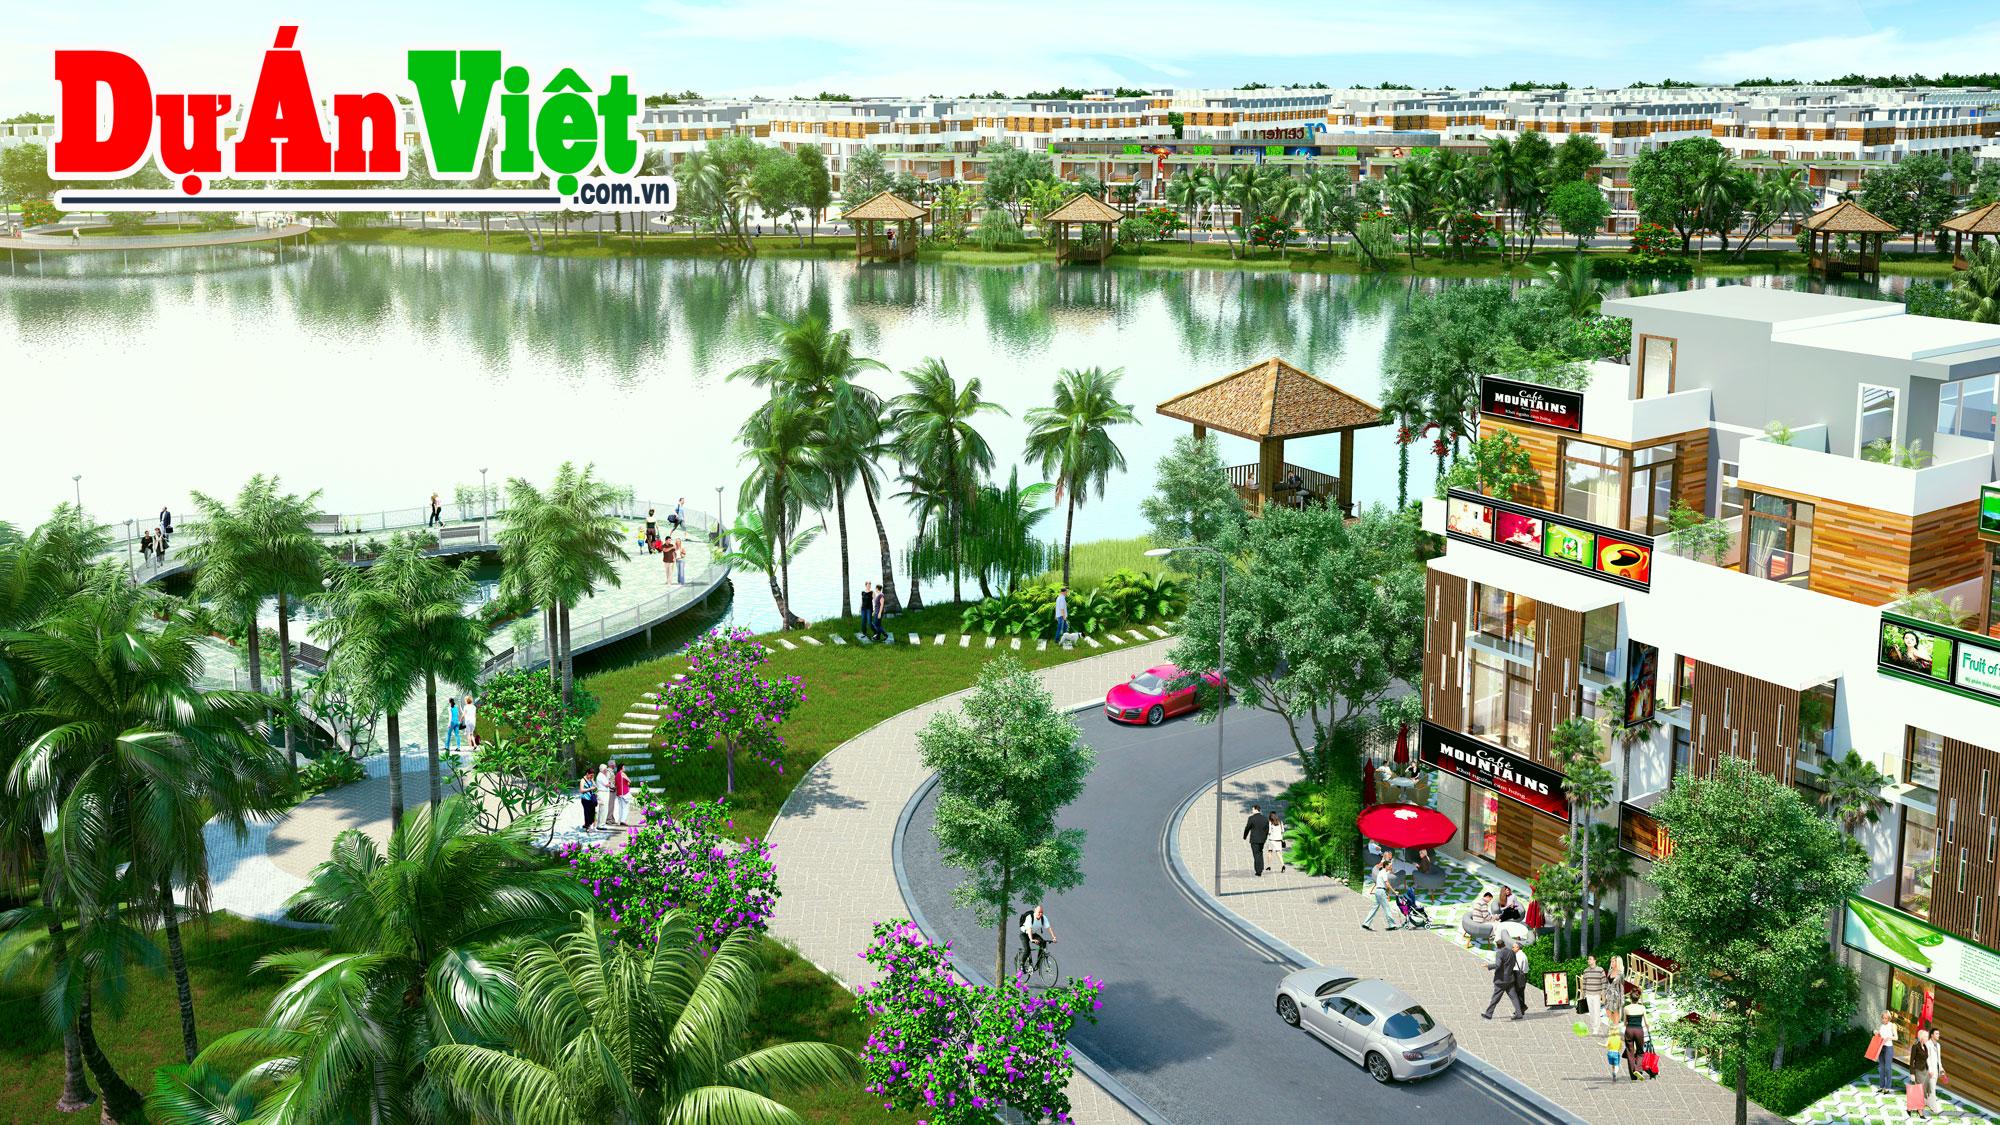 Dự án Khu du lịch sinh thái kết hợp nghỉ dưỡng Bắc Giang